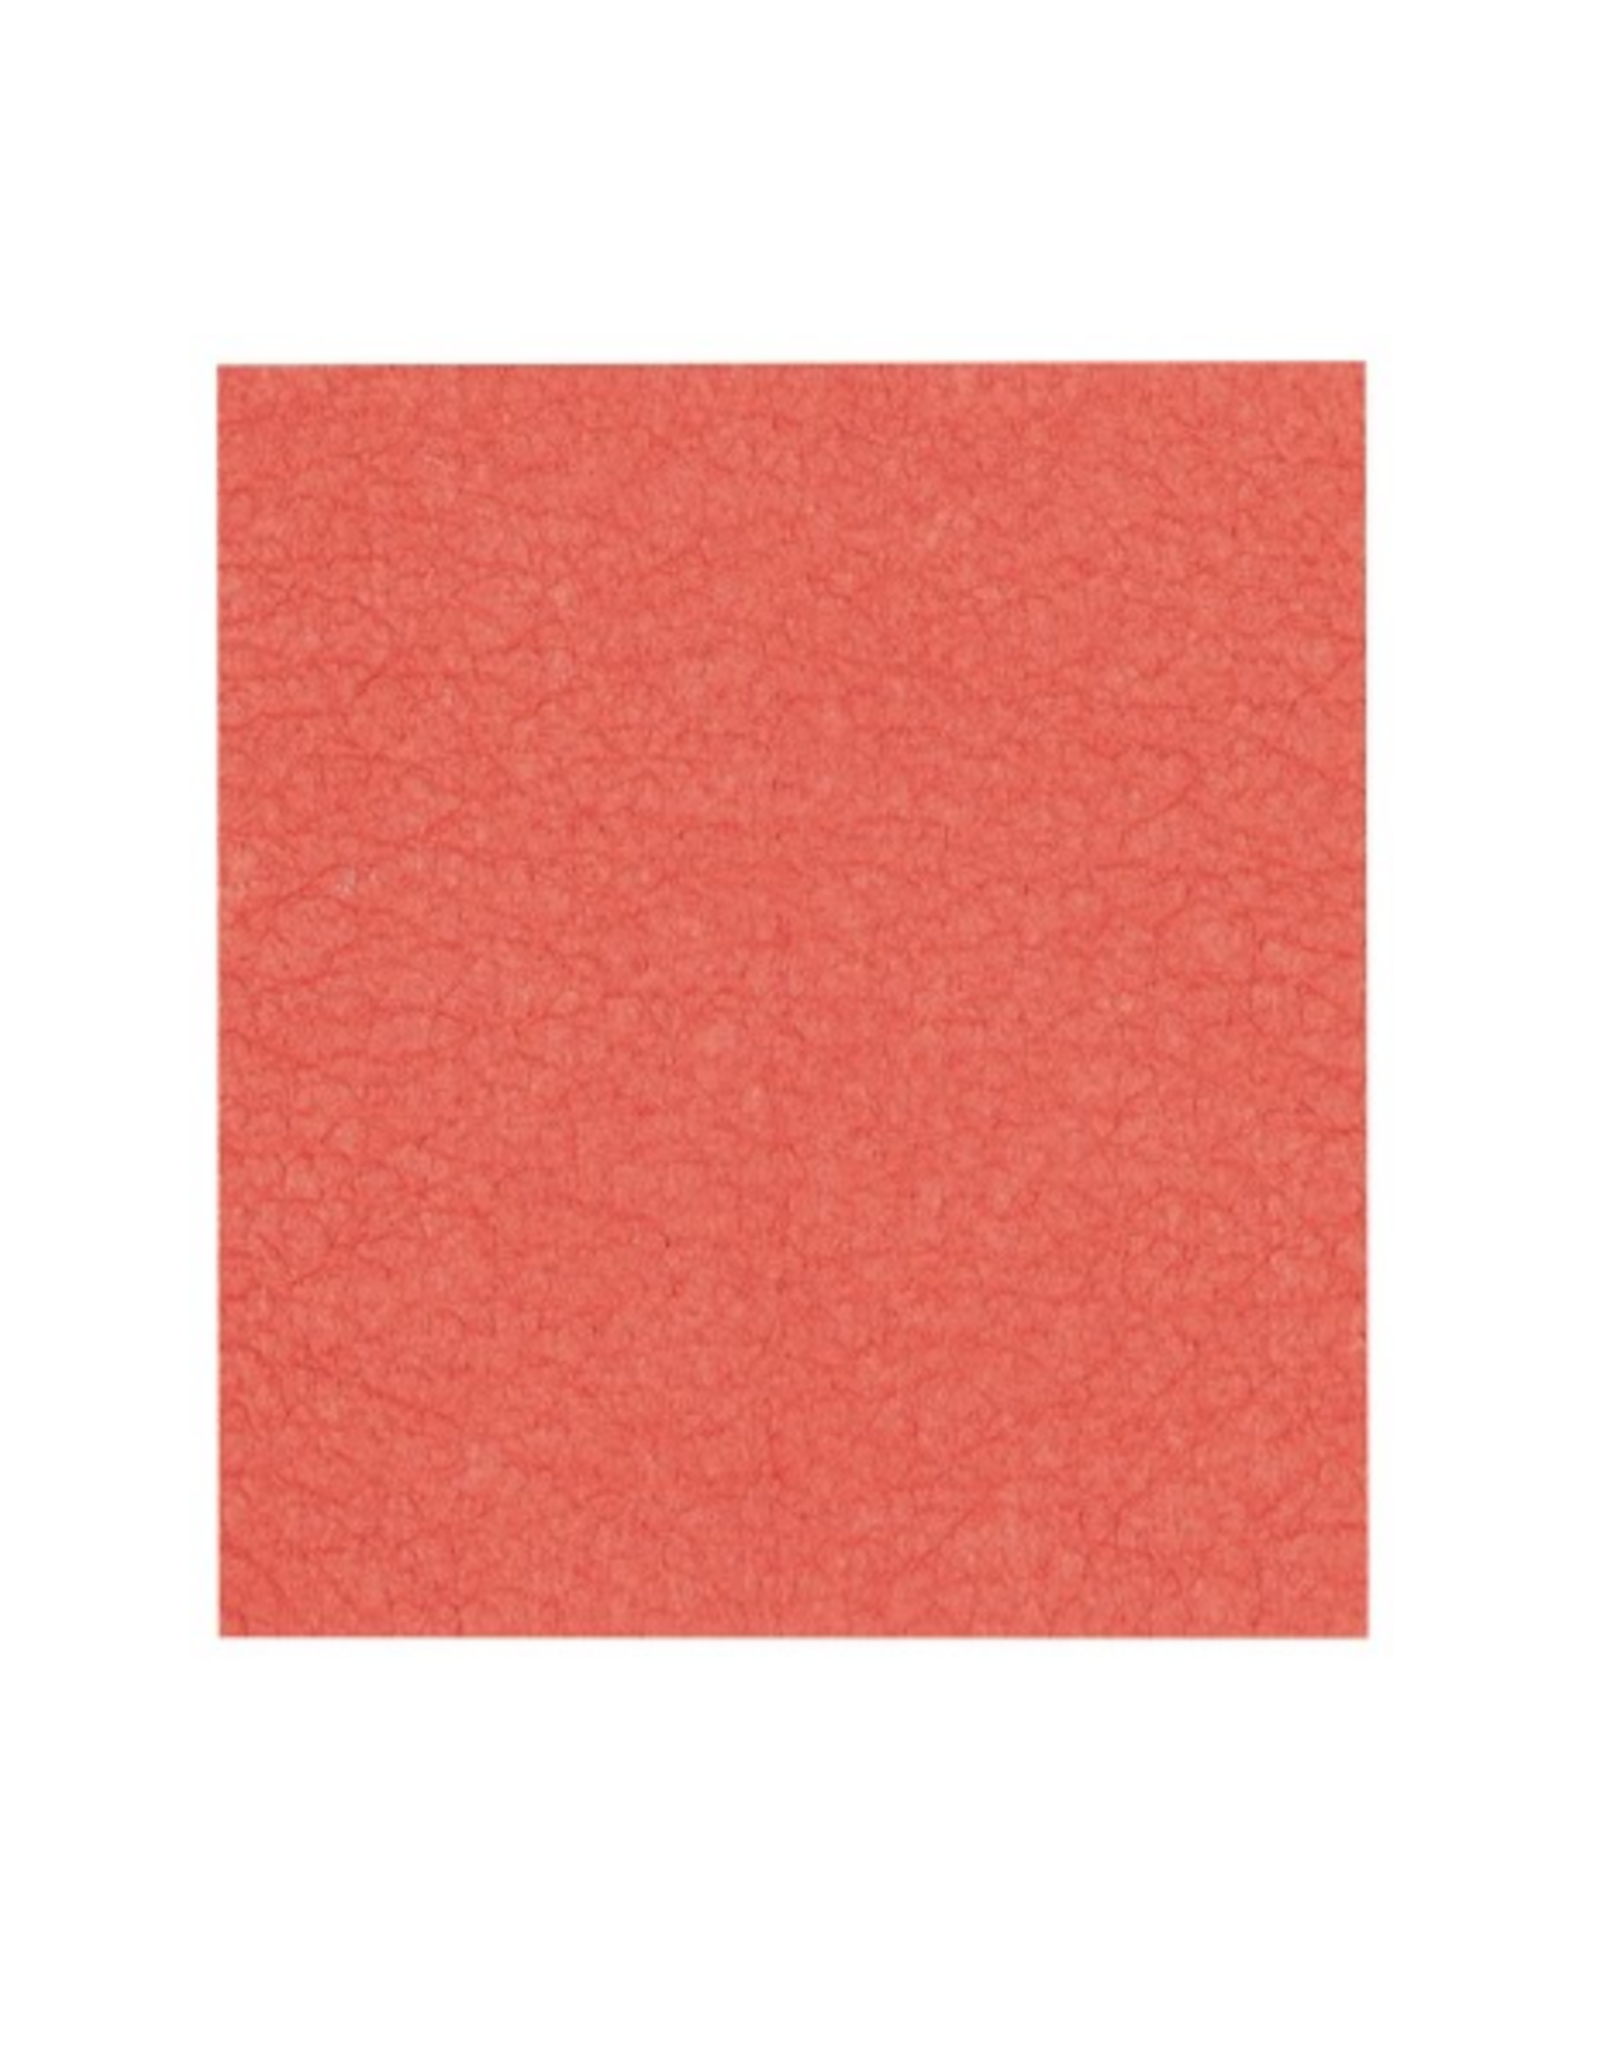 DCA - Swedish Sponge Cloth/Putty